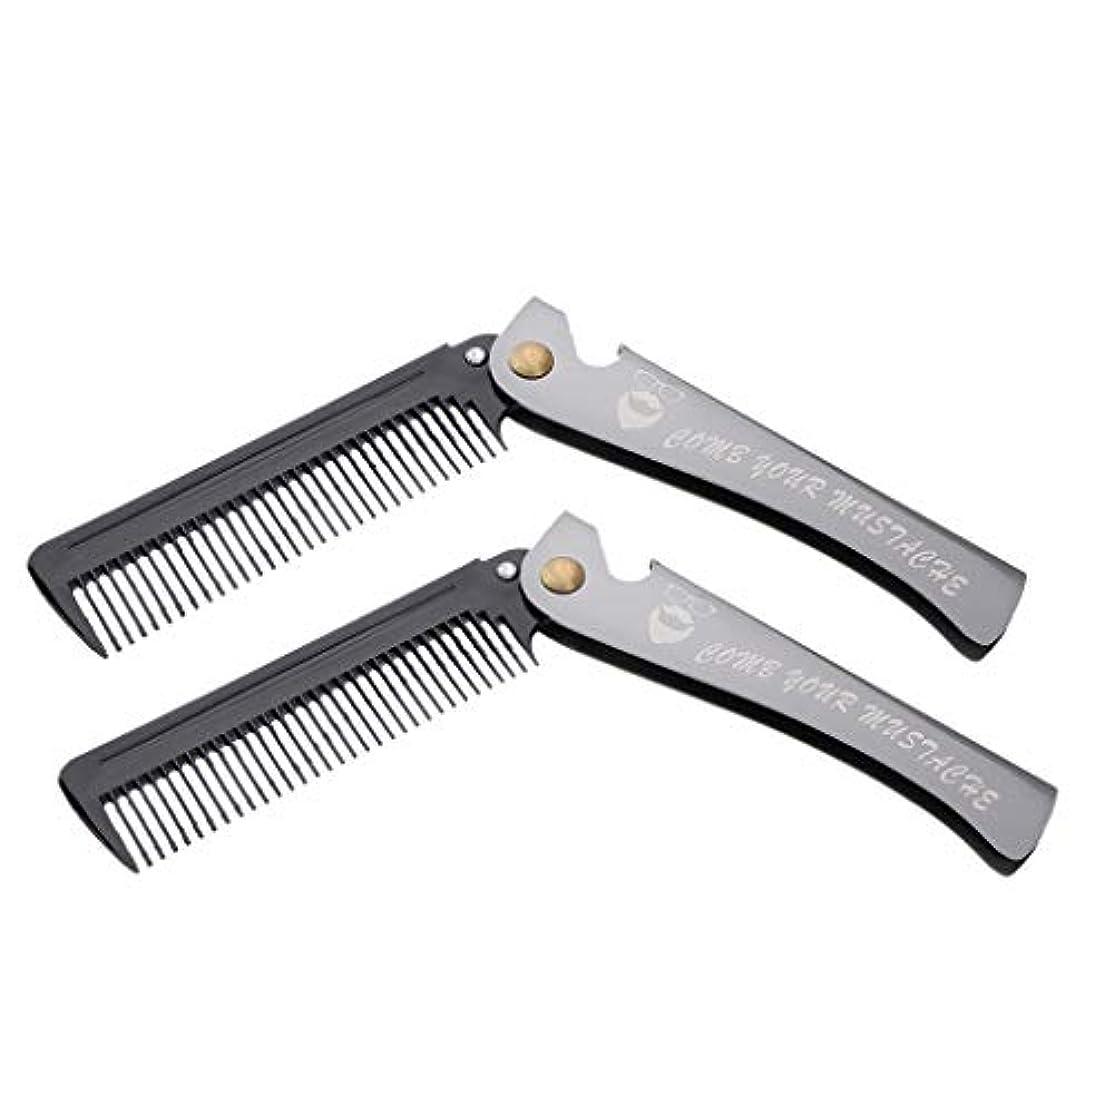 ファシズム見分ける明らかにするT TOOYFUL 2本帯電防止折りたたみ髪髭成形コムズポケットスタイリングくし黒